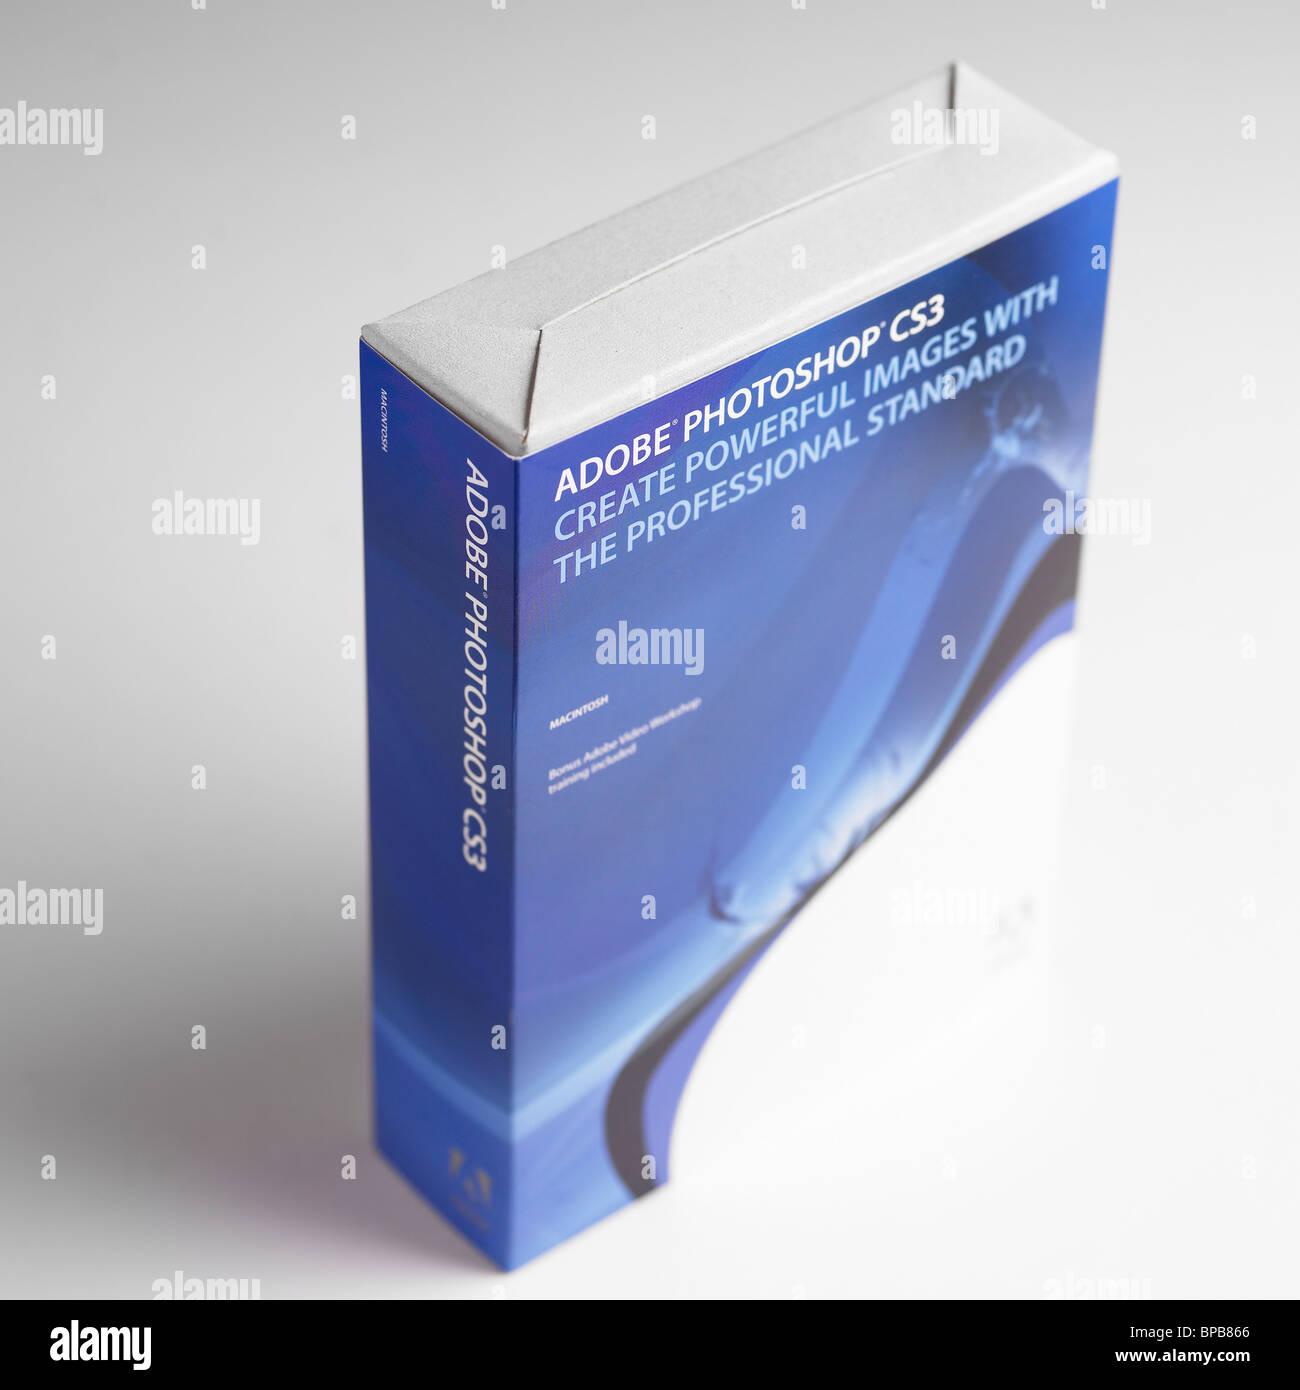 Adobe Photoshop CS3 - Stock Image